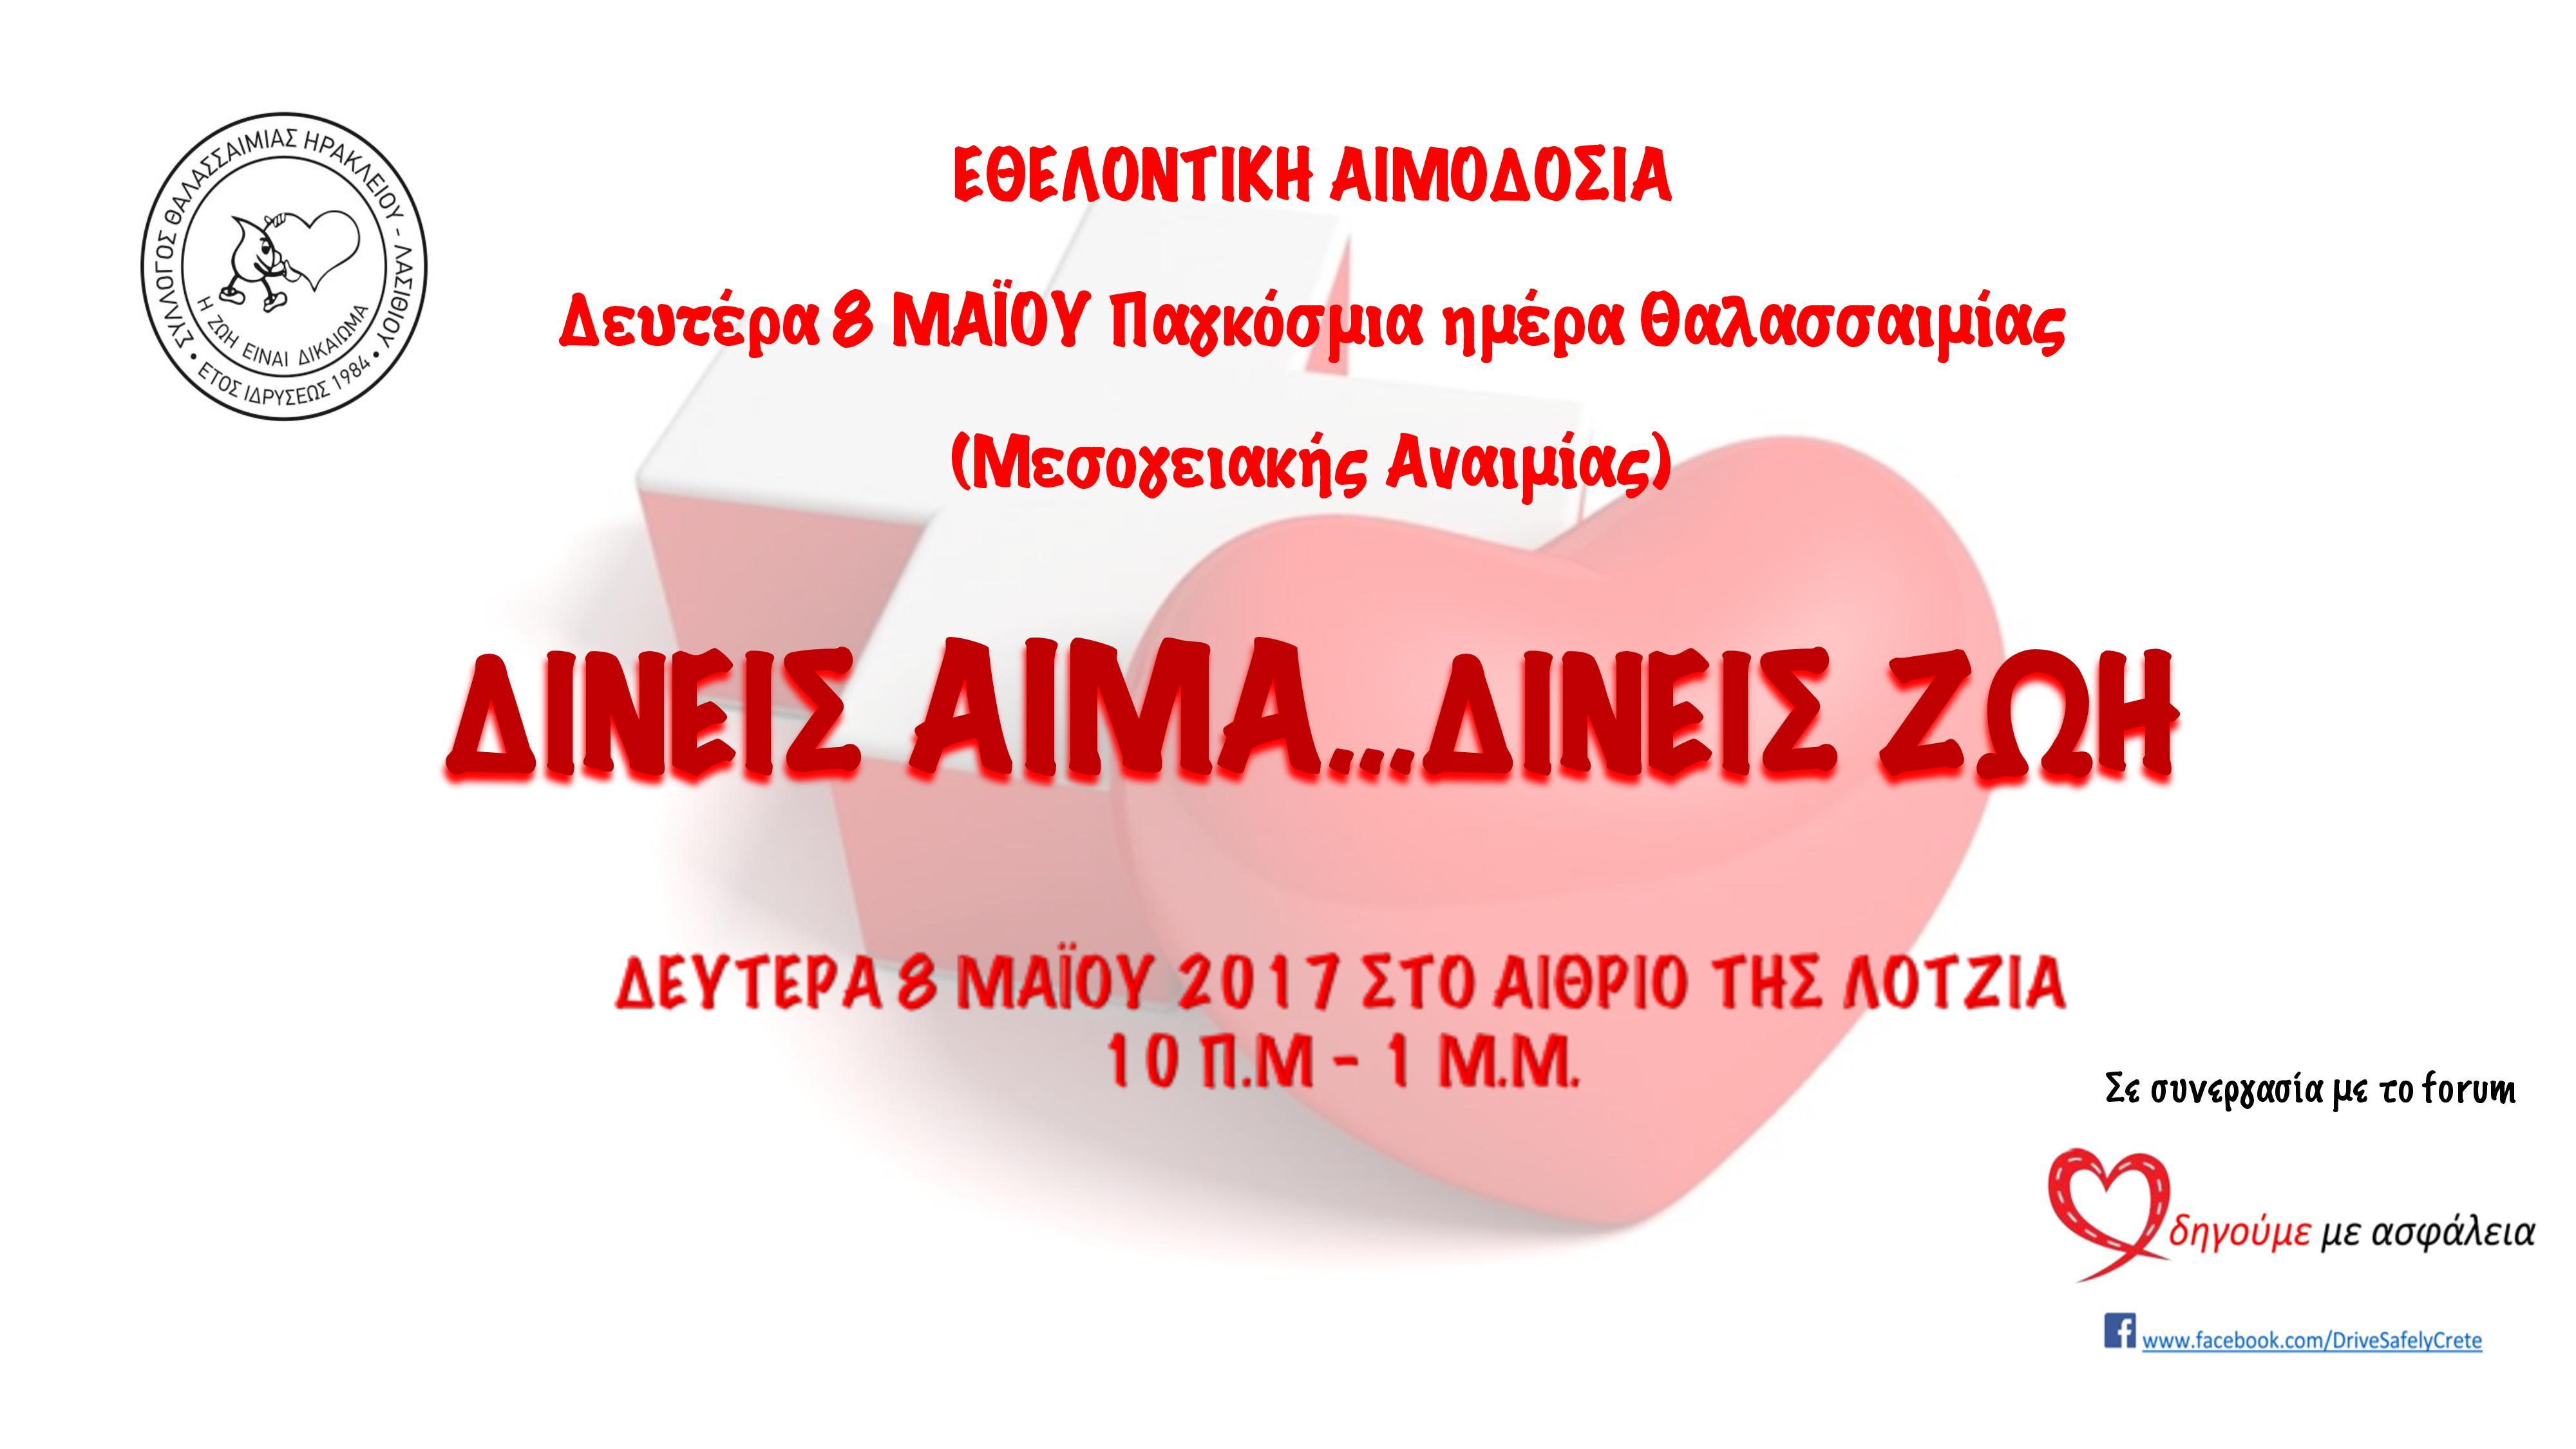 Εθελοντική αιμοδοσία στις 8 Μαΐου 2017